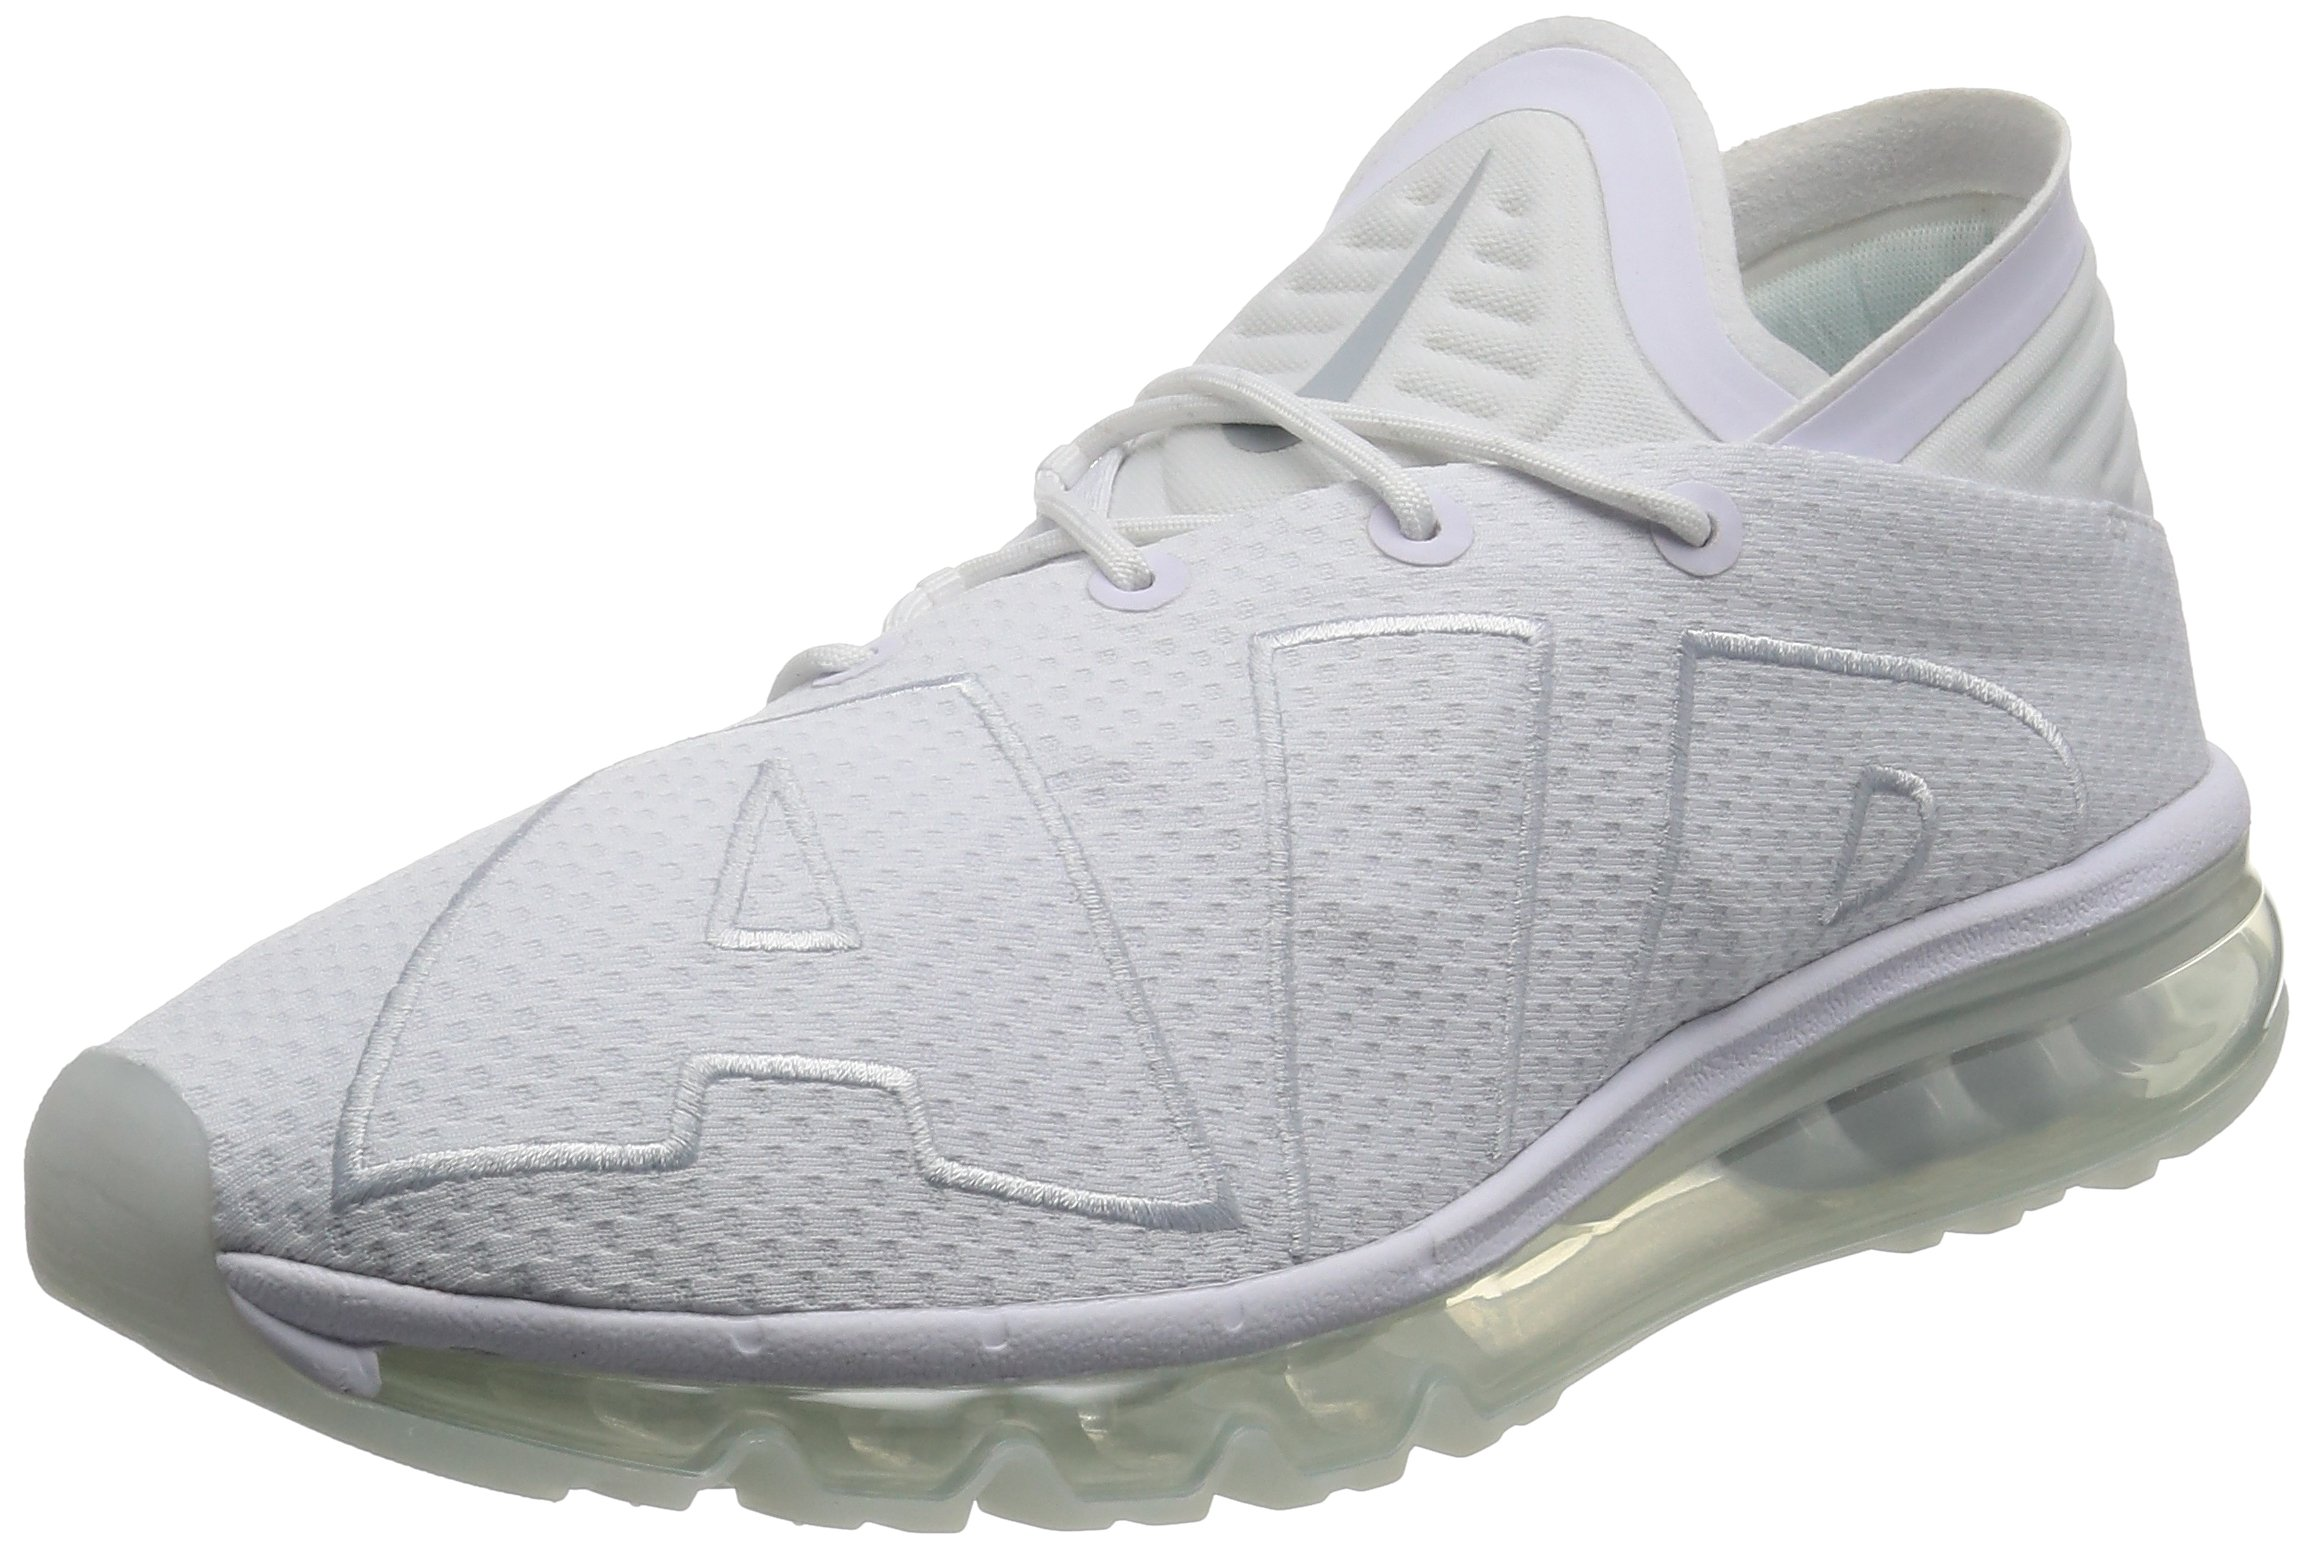 815JiLrsgtL - Nike Mens - Air Max Flair - Triple White - 942236-100